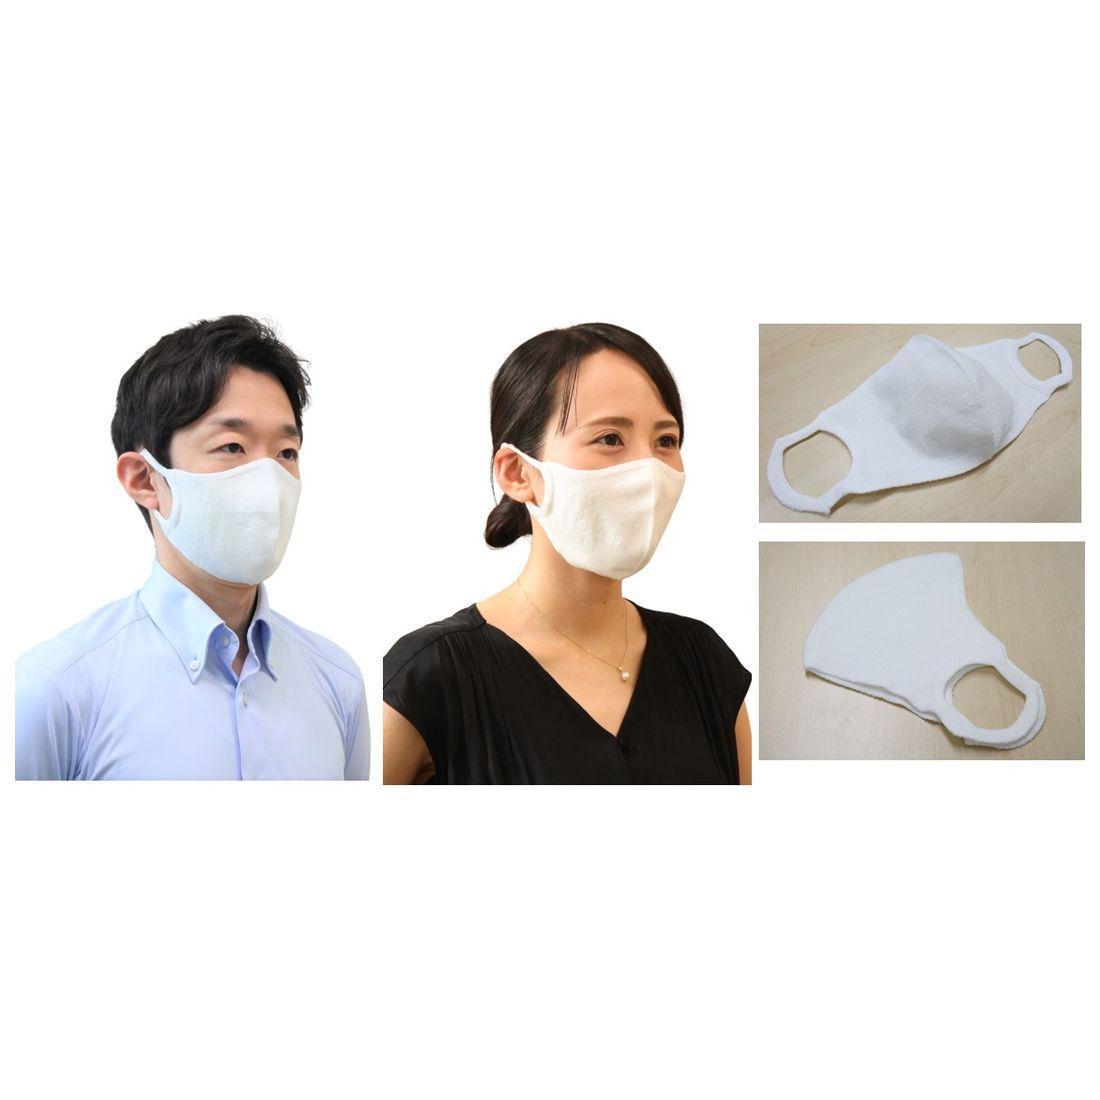 Ag マスク ミツフジ ミツフジの洗って使える高機能マスク「hamon AGマスク」!次回発売は?注文方法は?